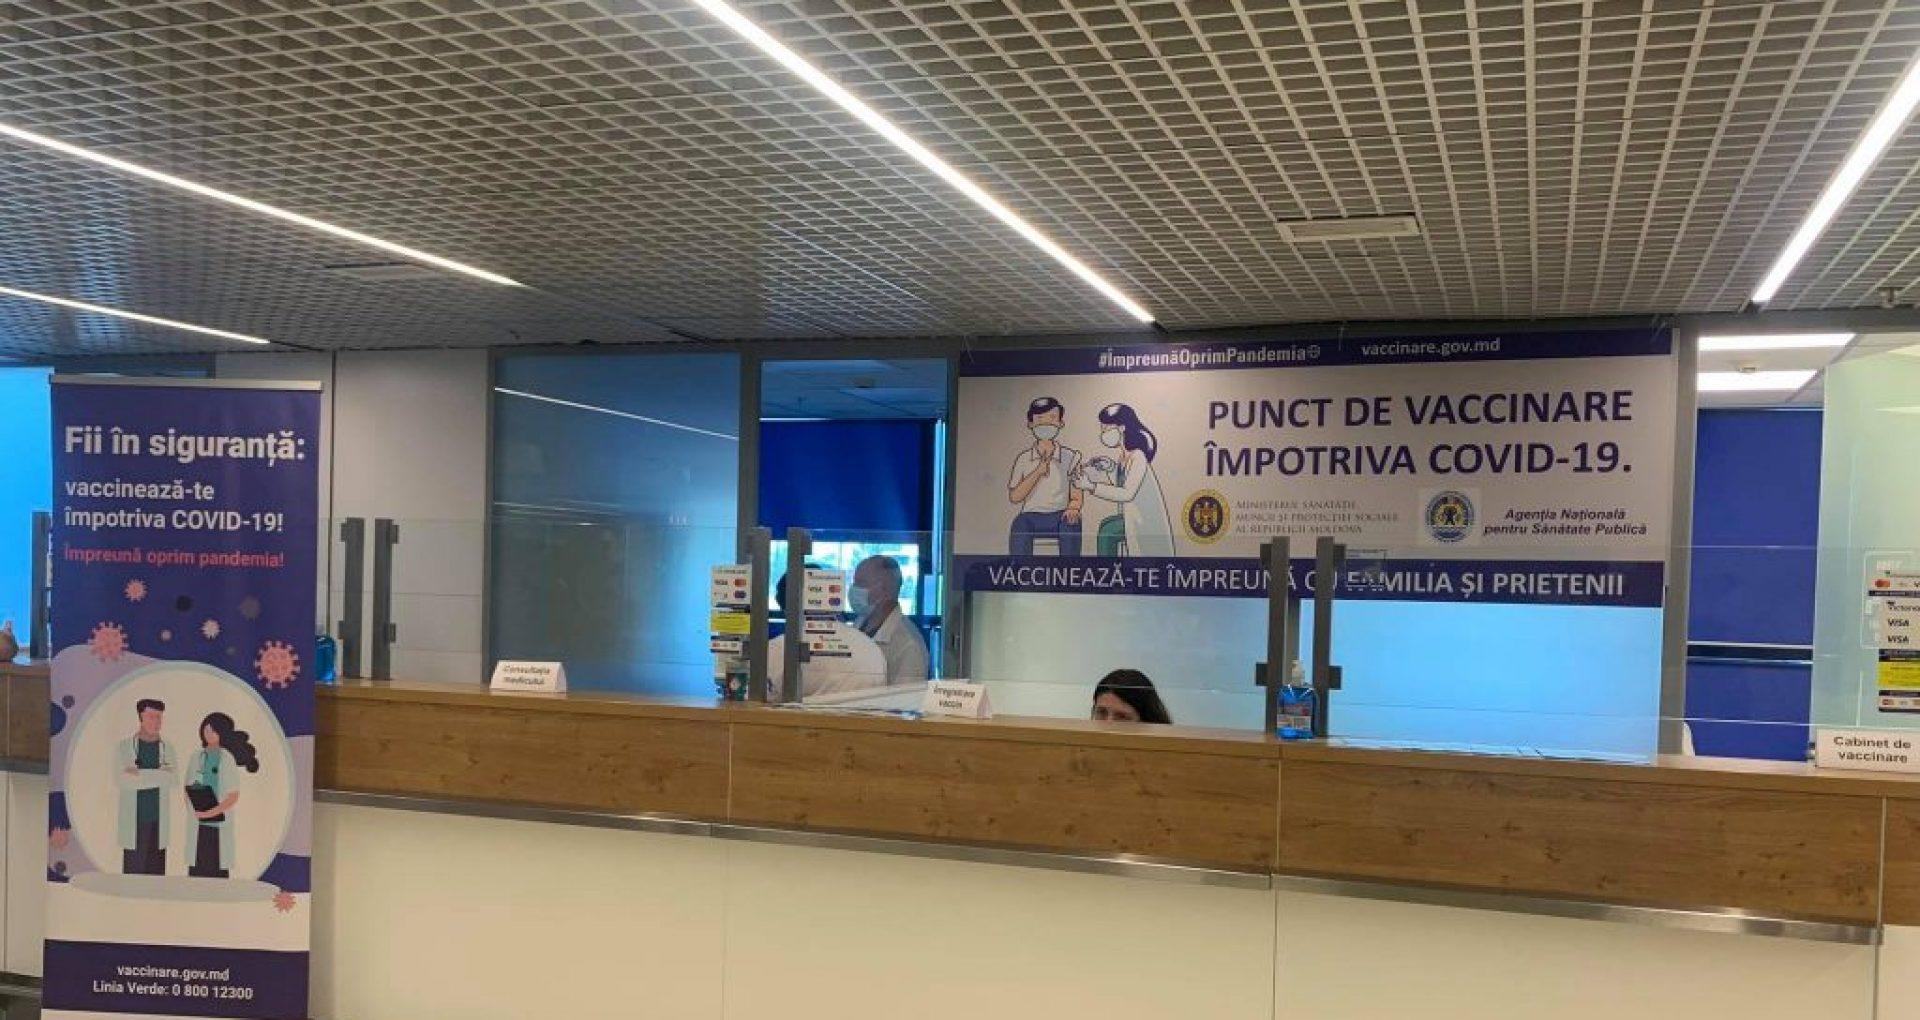 GALERIE FOTO/ Punct de vaccinare împotriva COVID-19, inaugurat pe Aeroportul Internațional Chișinău